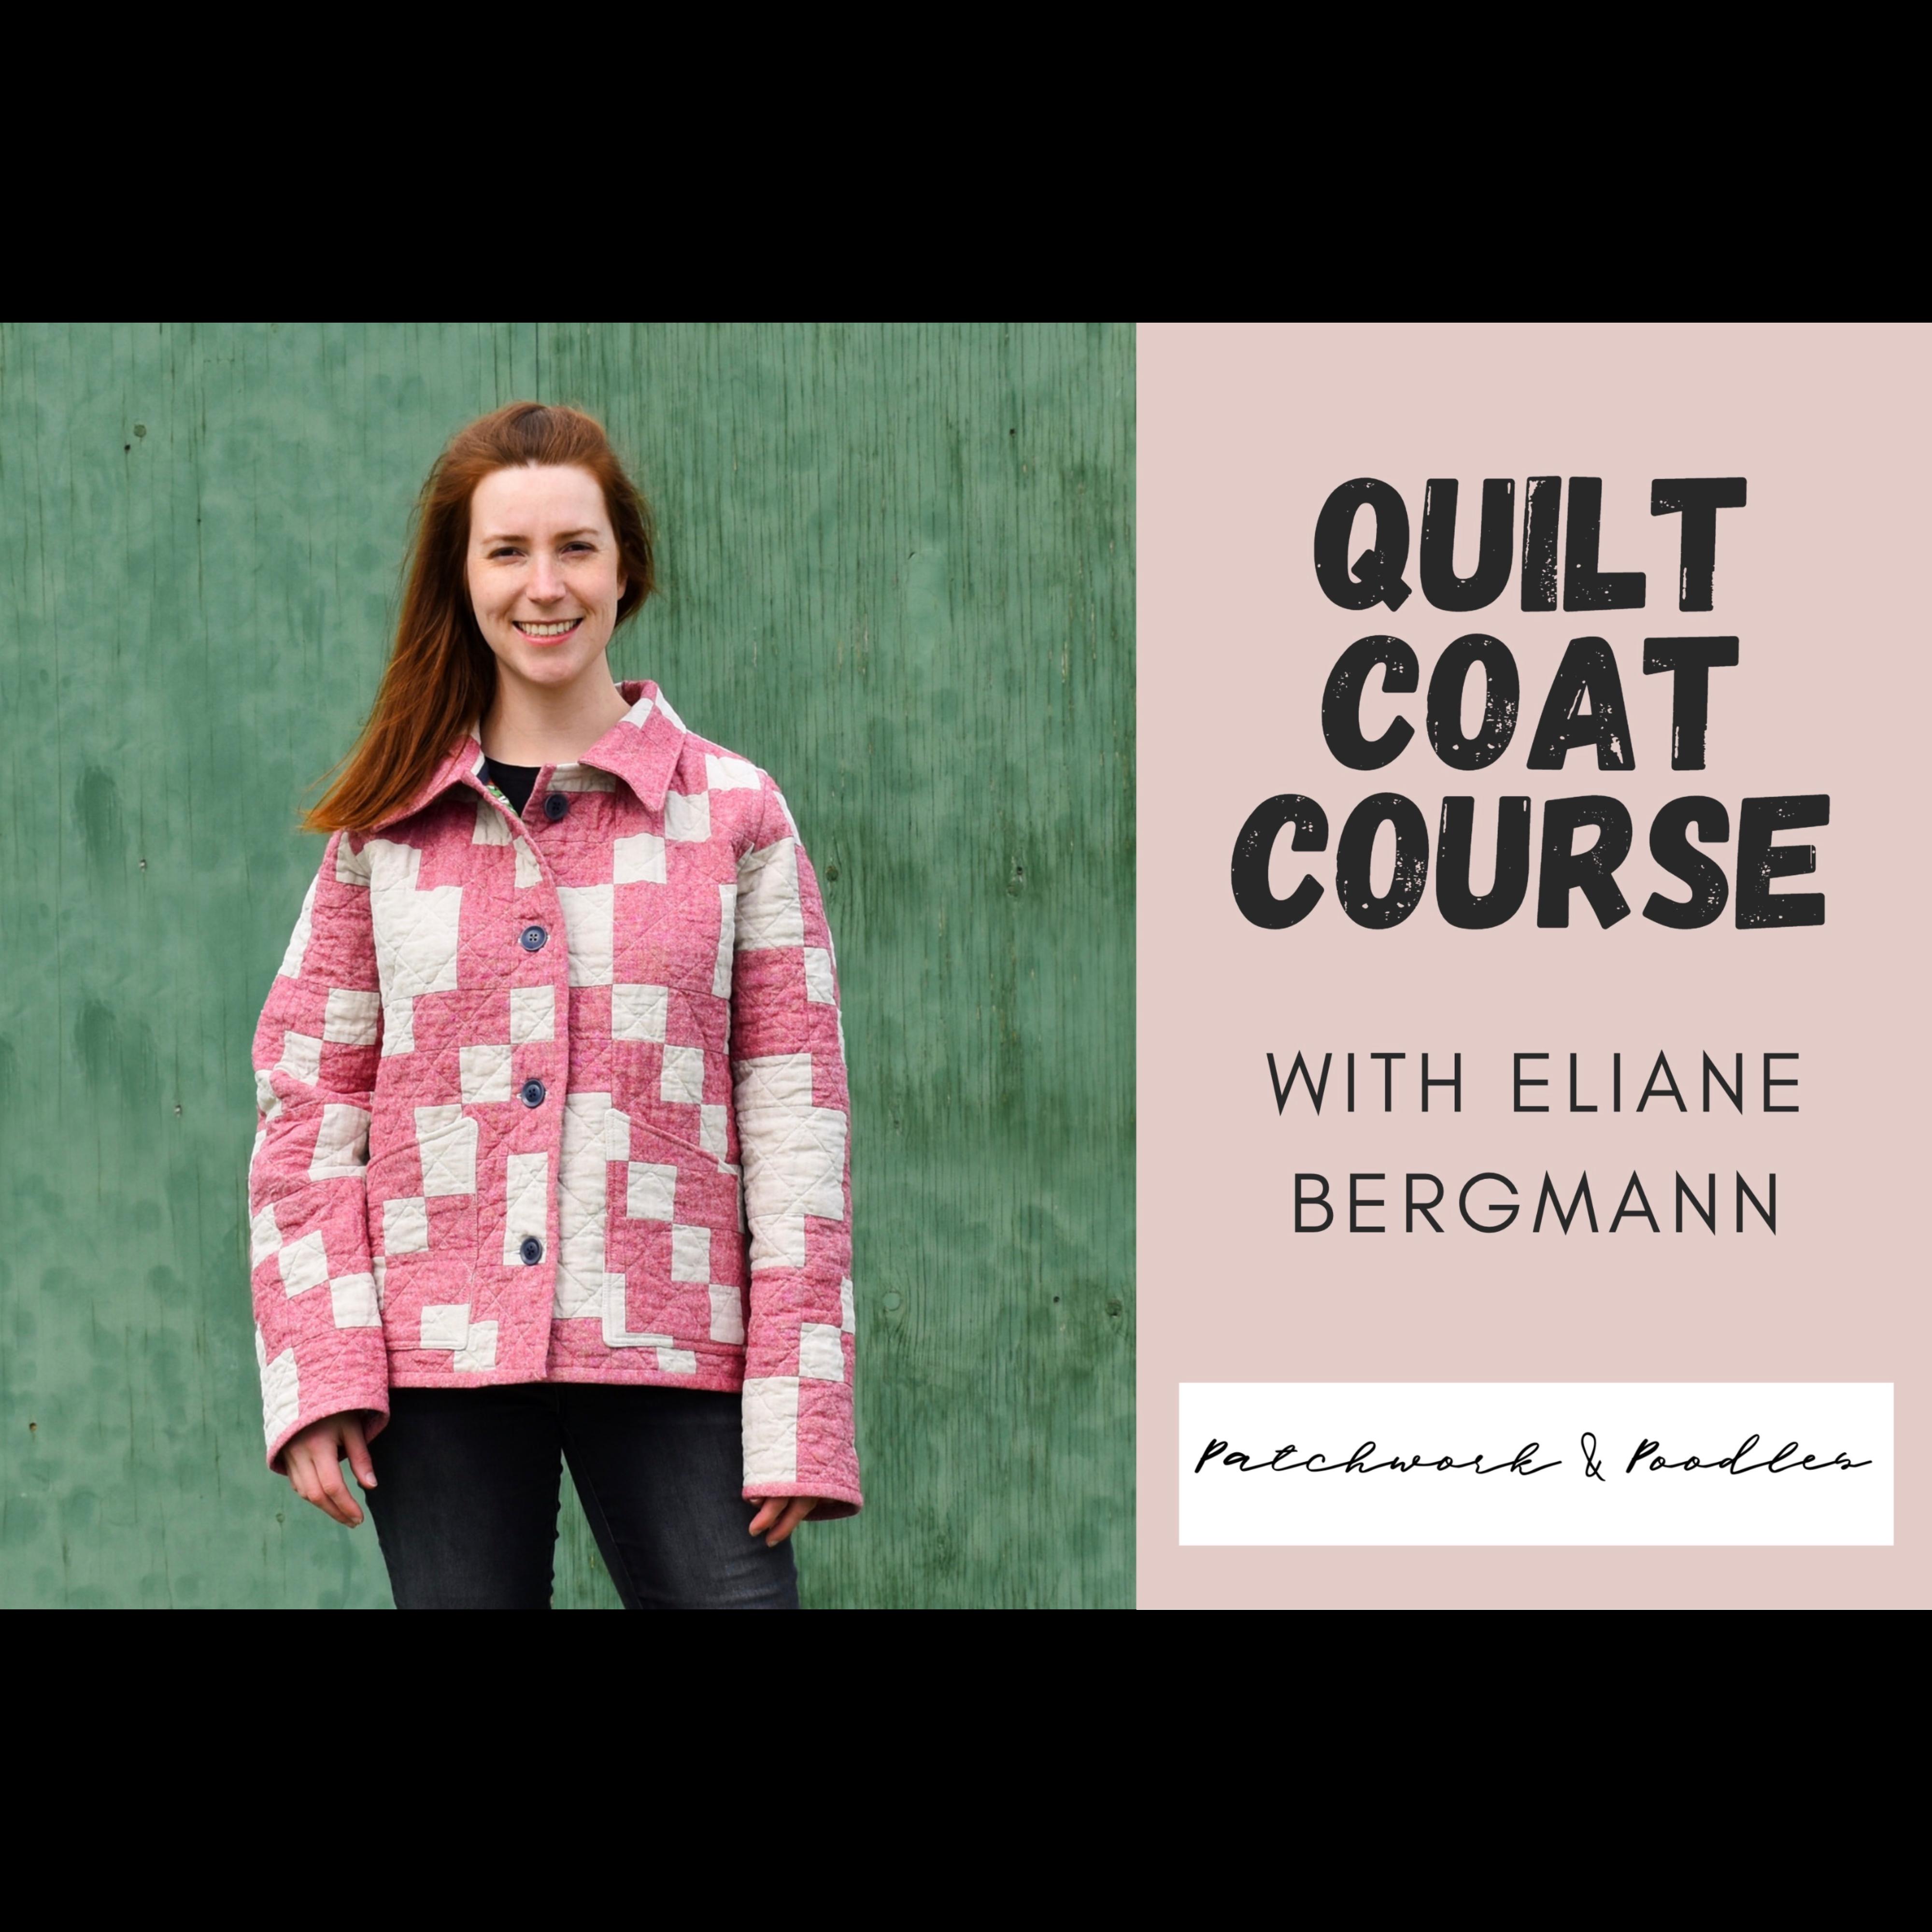 Quilt Coat Course